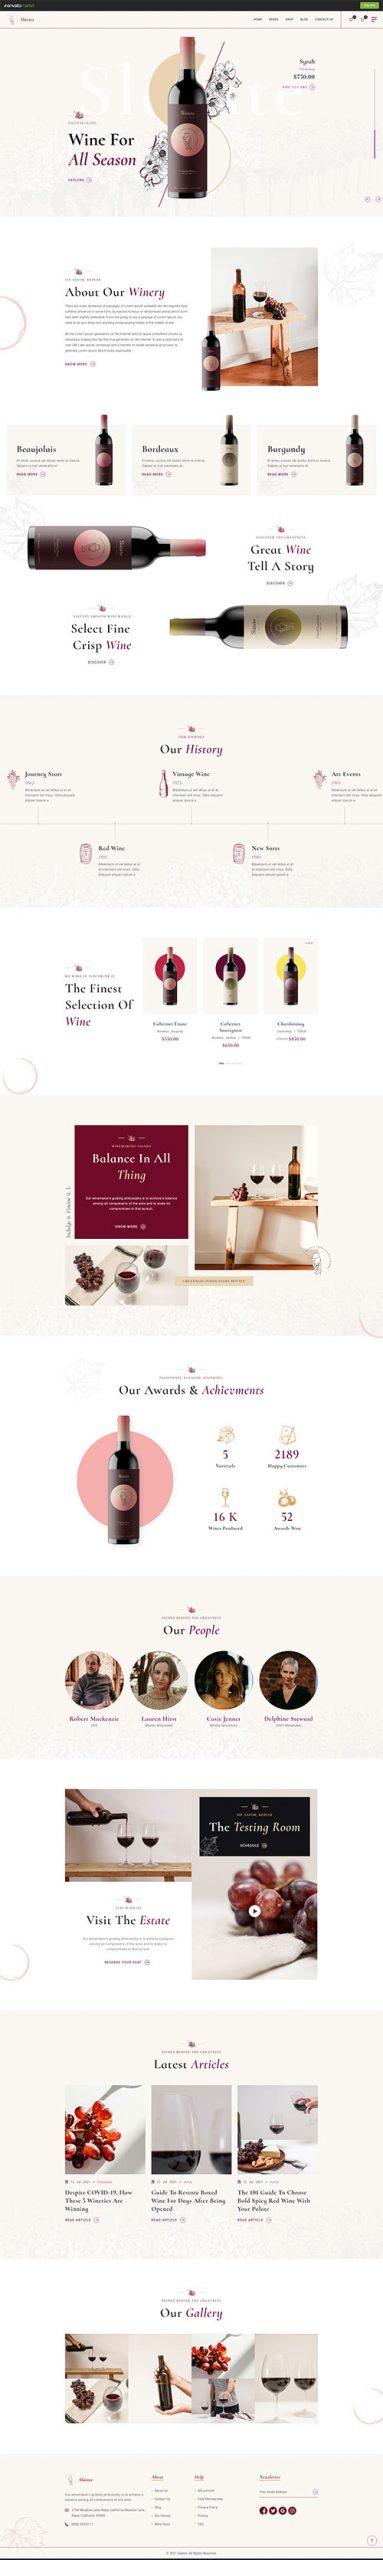 Mẫu-web-Giới-thiệu-rượu-02